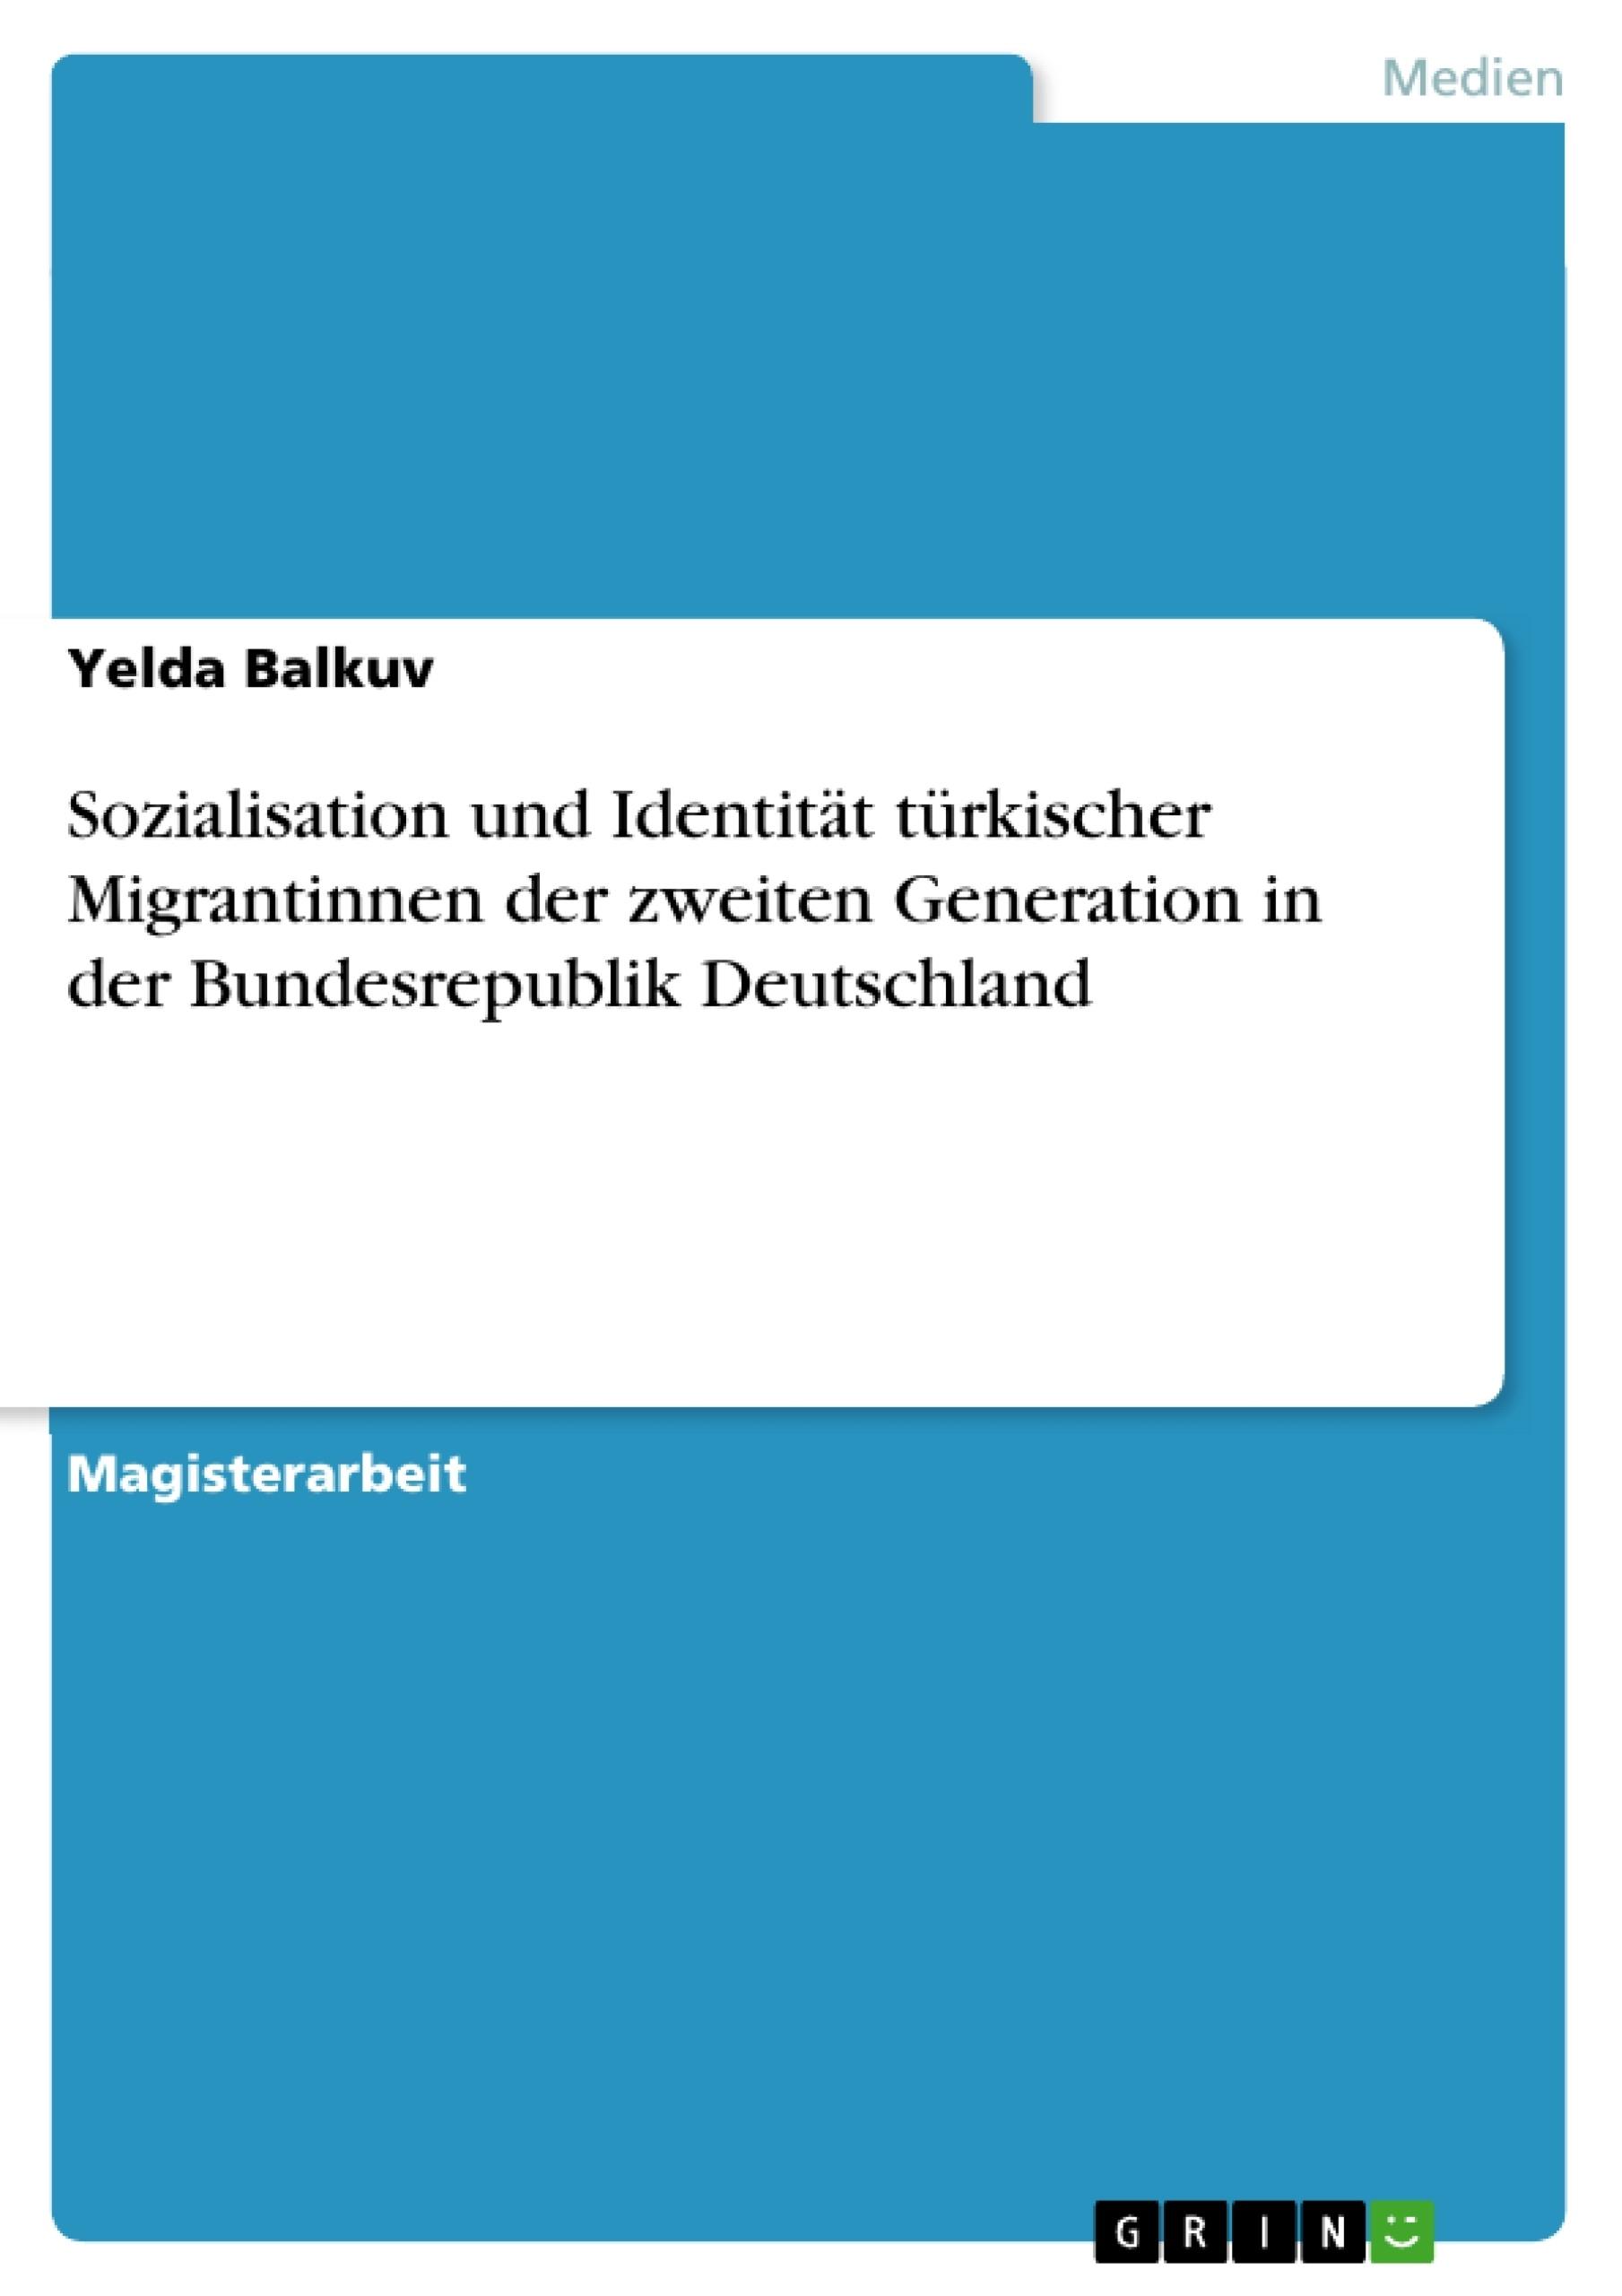 Titel: Sozialisation und Identität türkischer Migrantinnen der zweiten Generation in der Bundesrepublik Deutschland